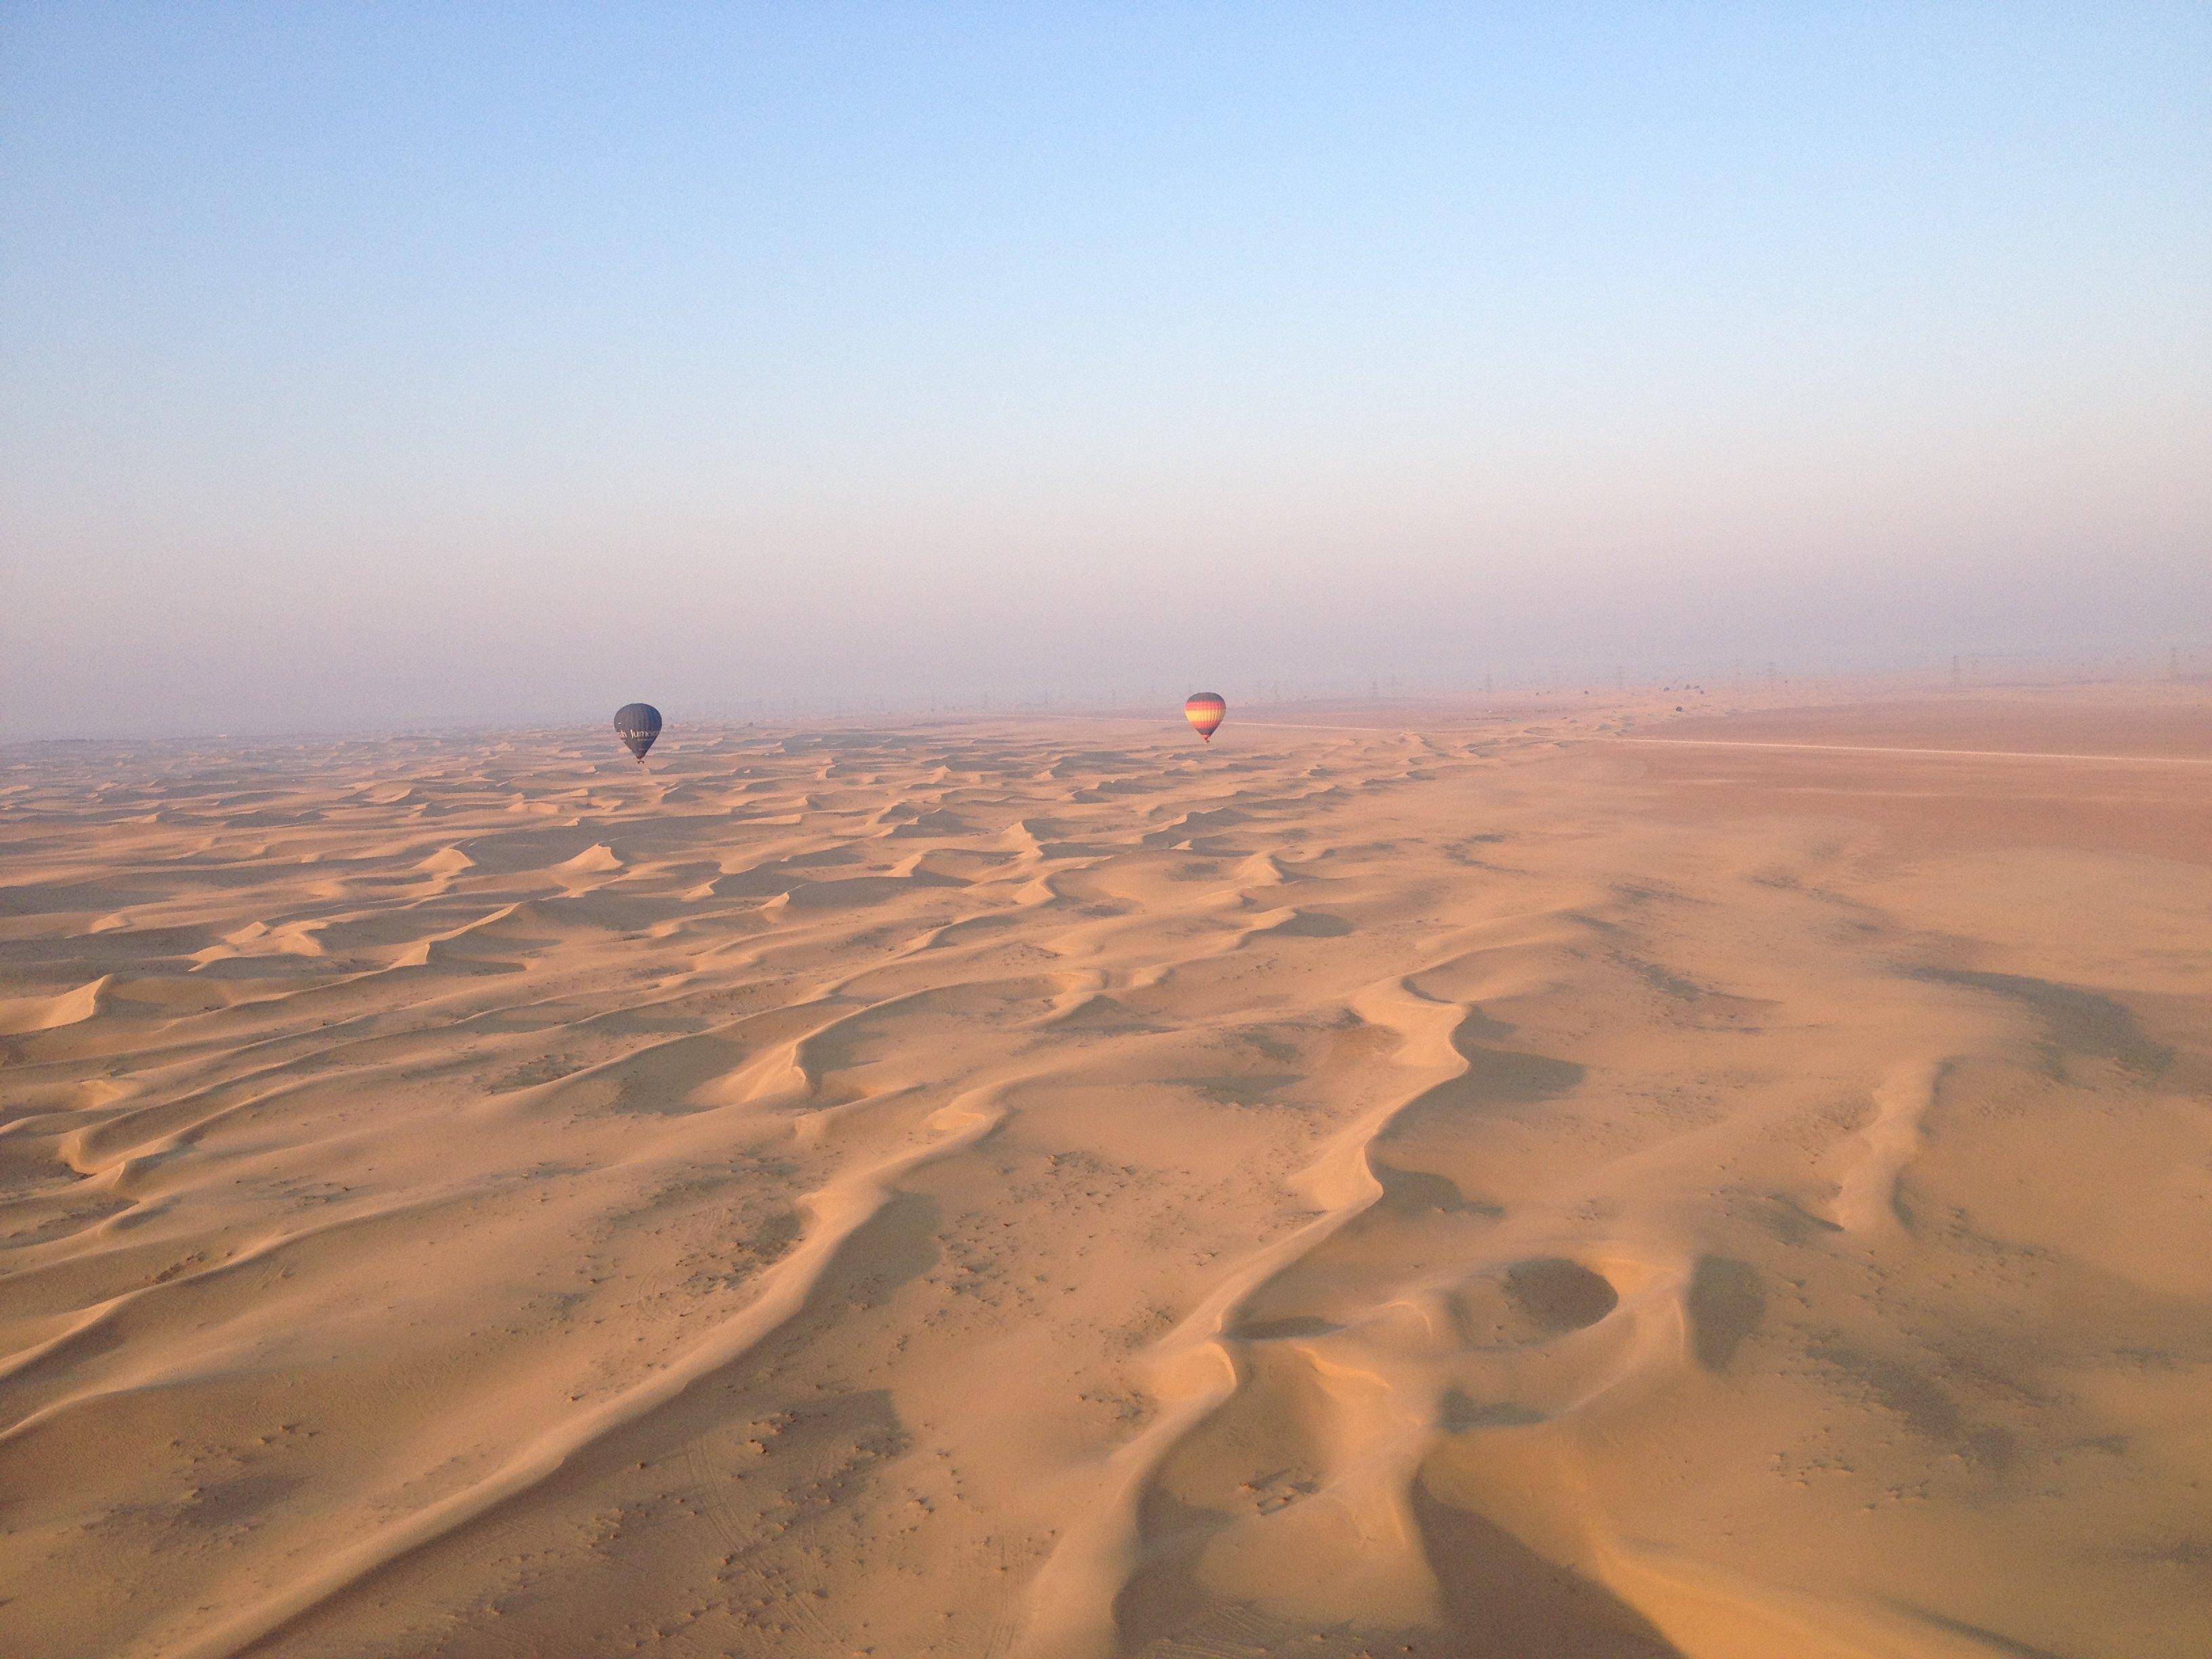 阿拉伯沙漠热气球图片